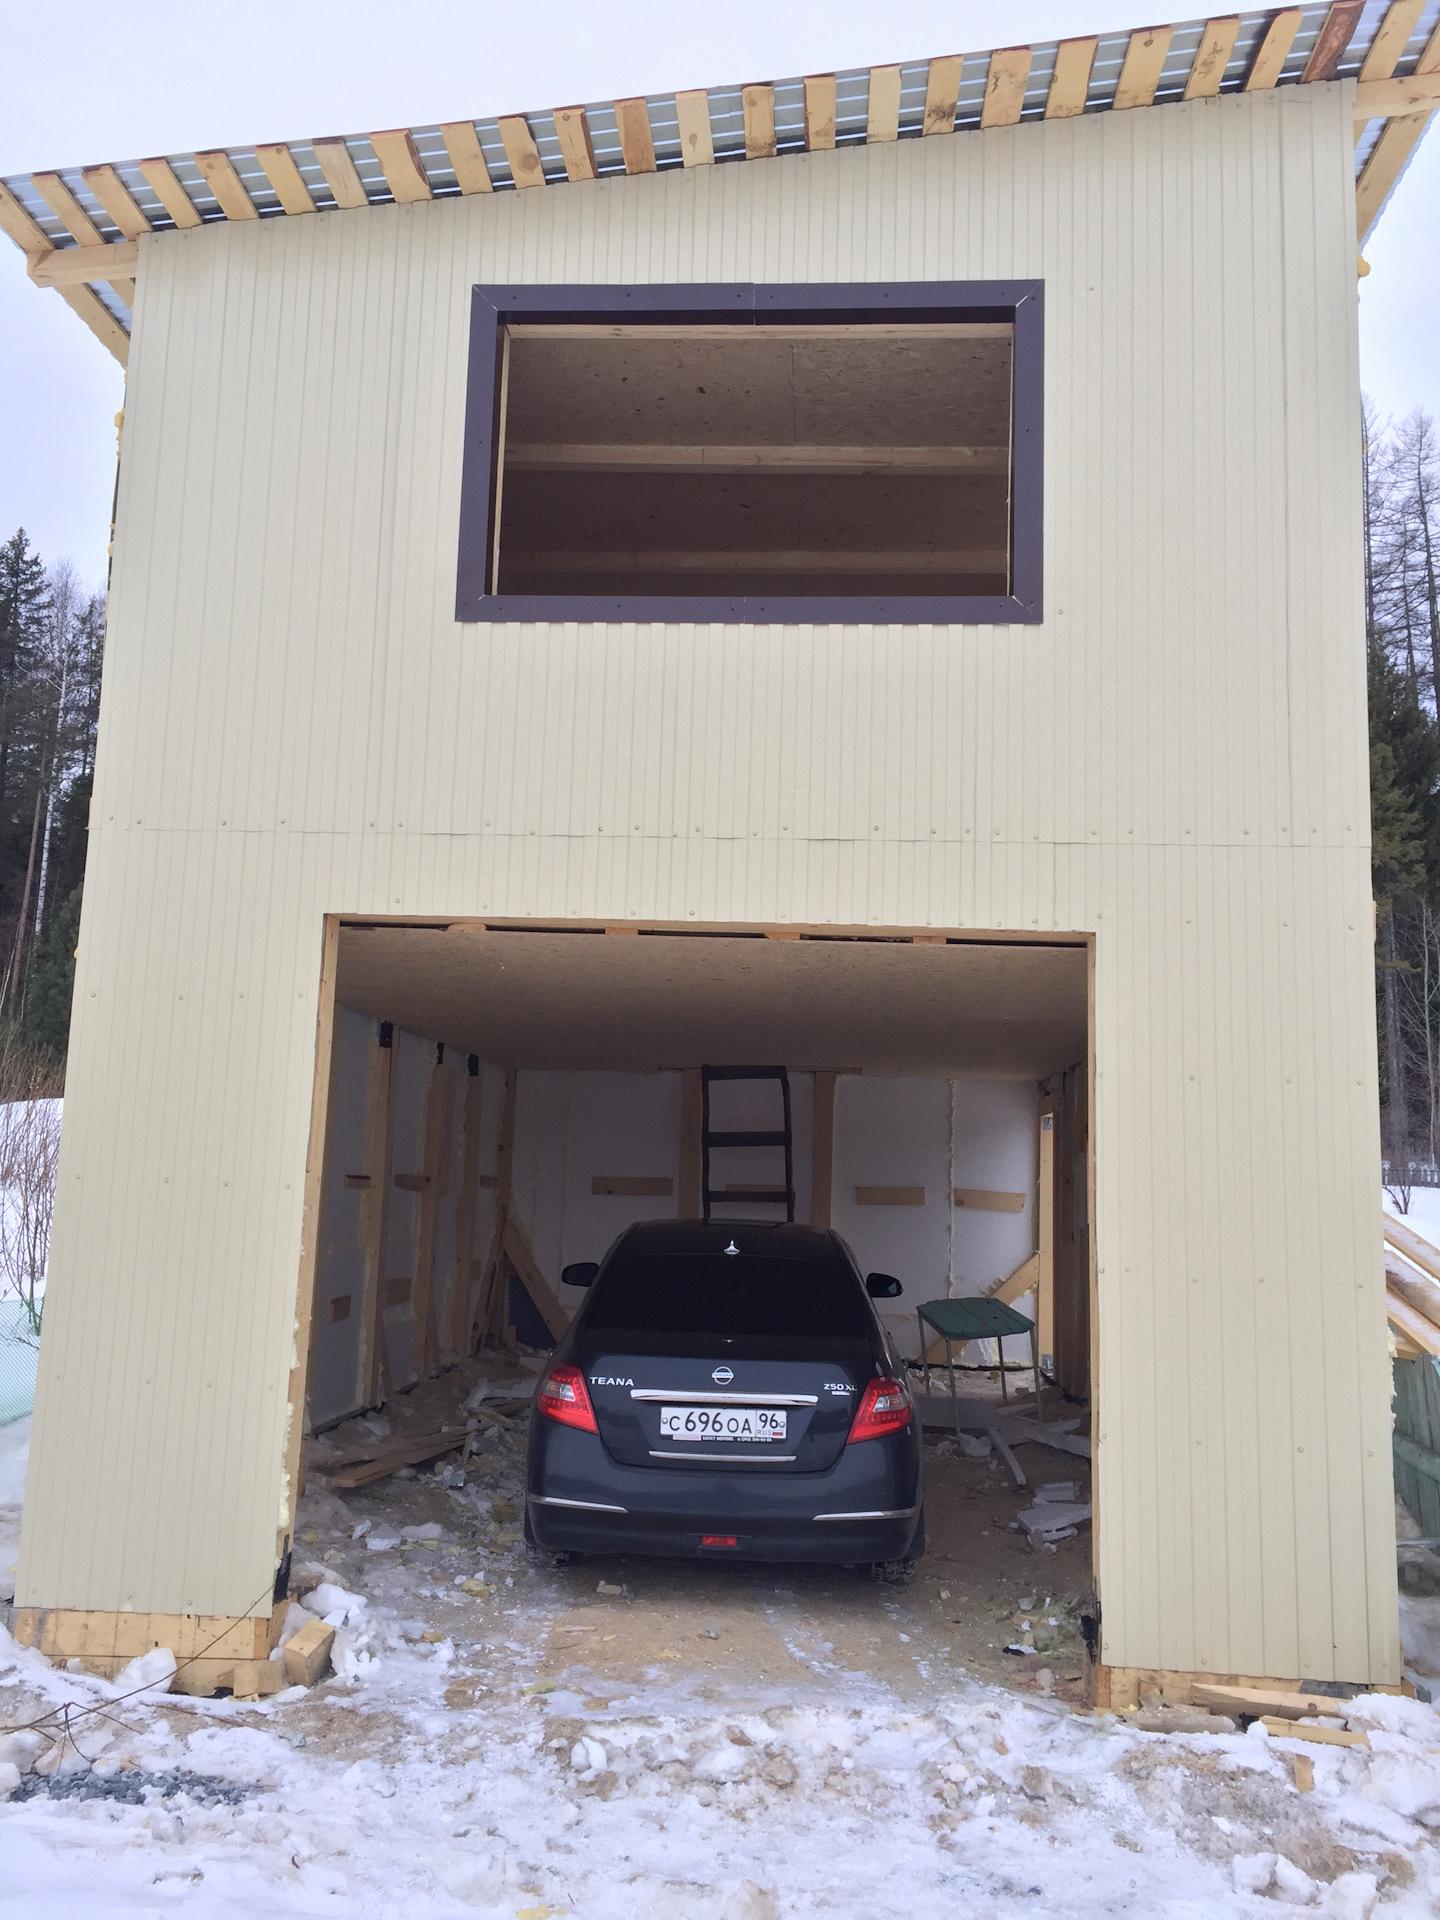 фото двухэтажных гаражей из нутри снимал снимал, все